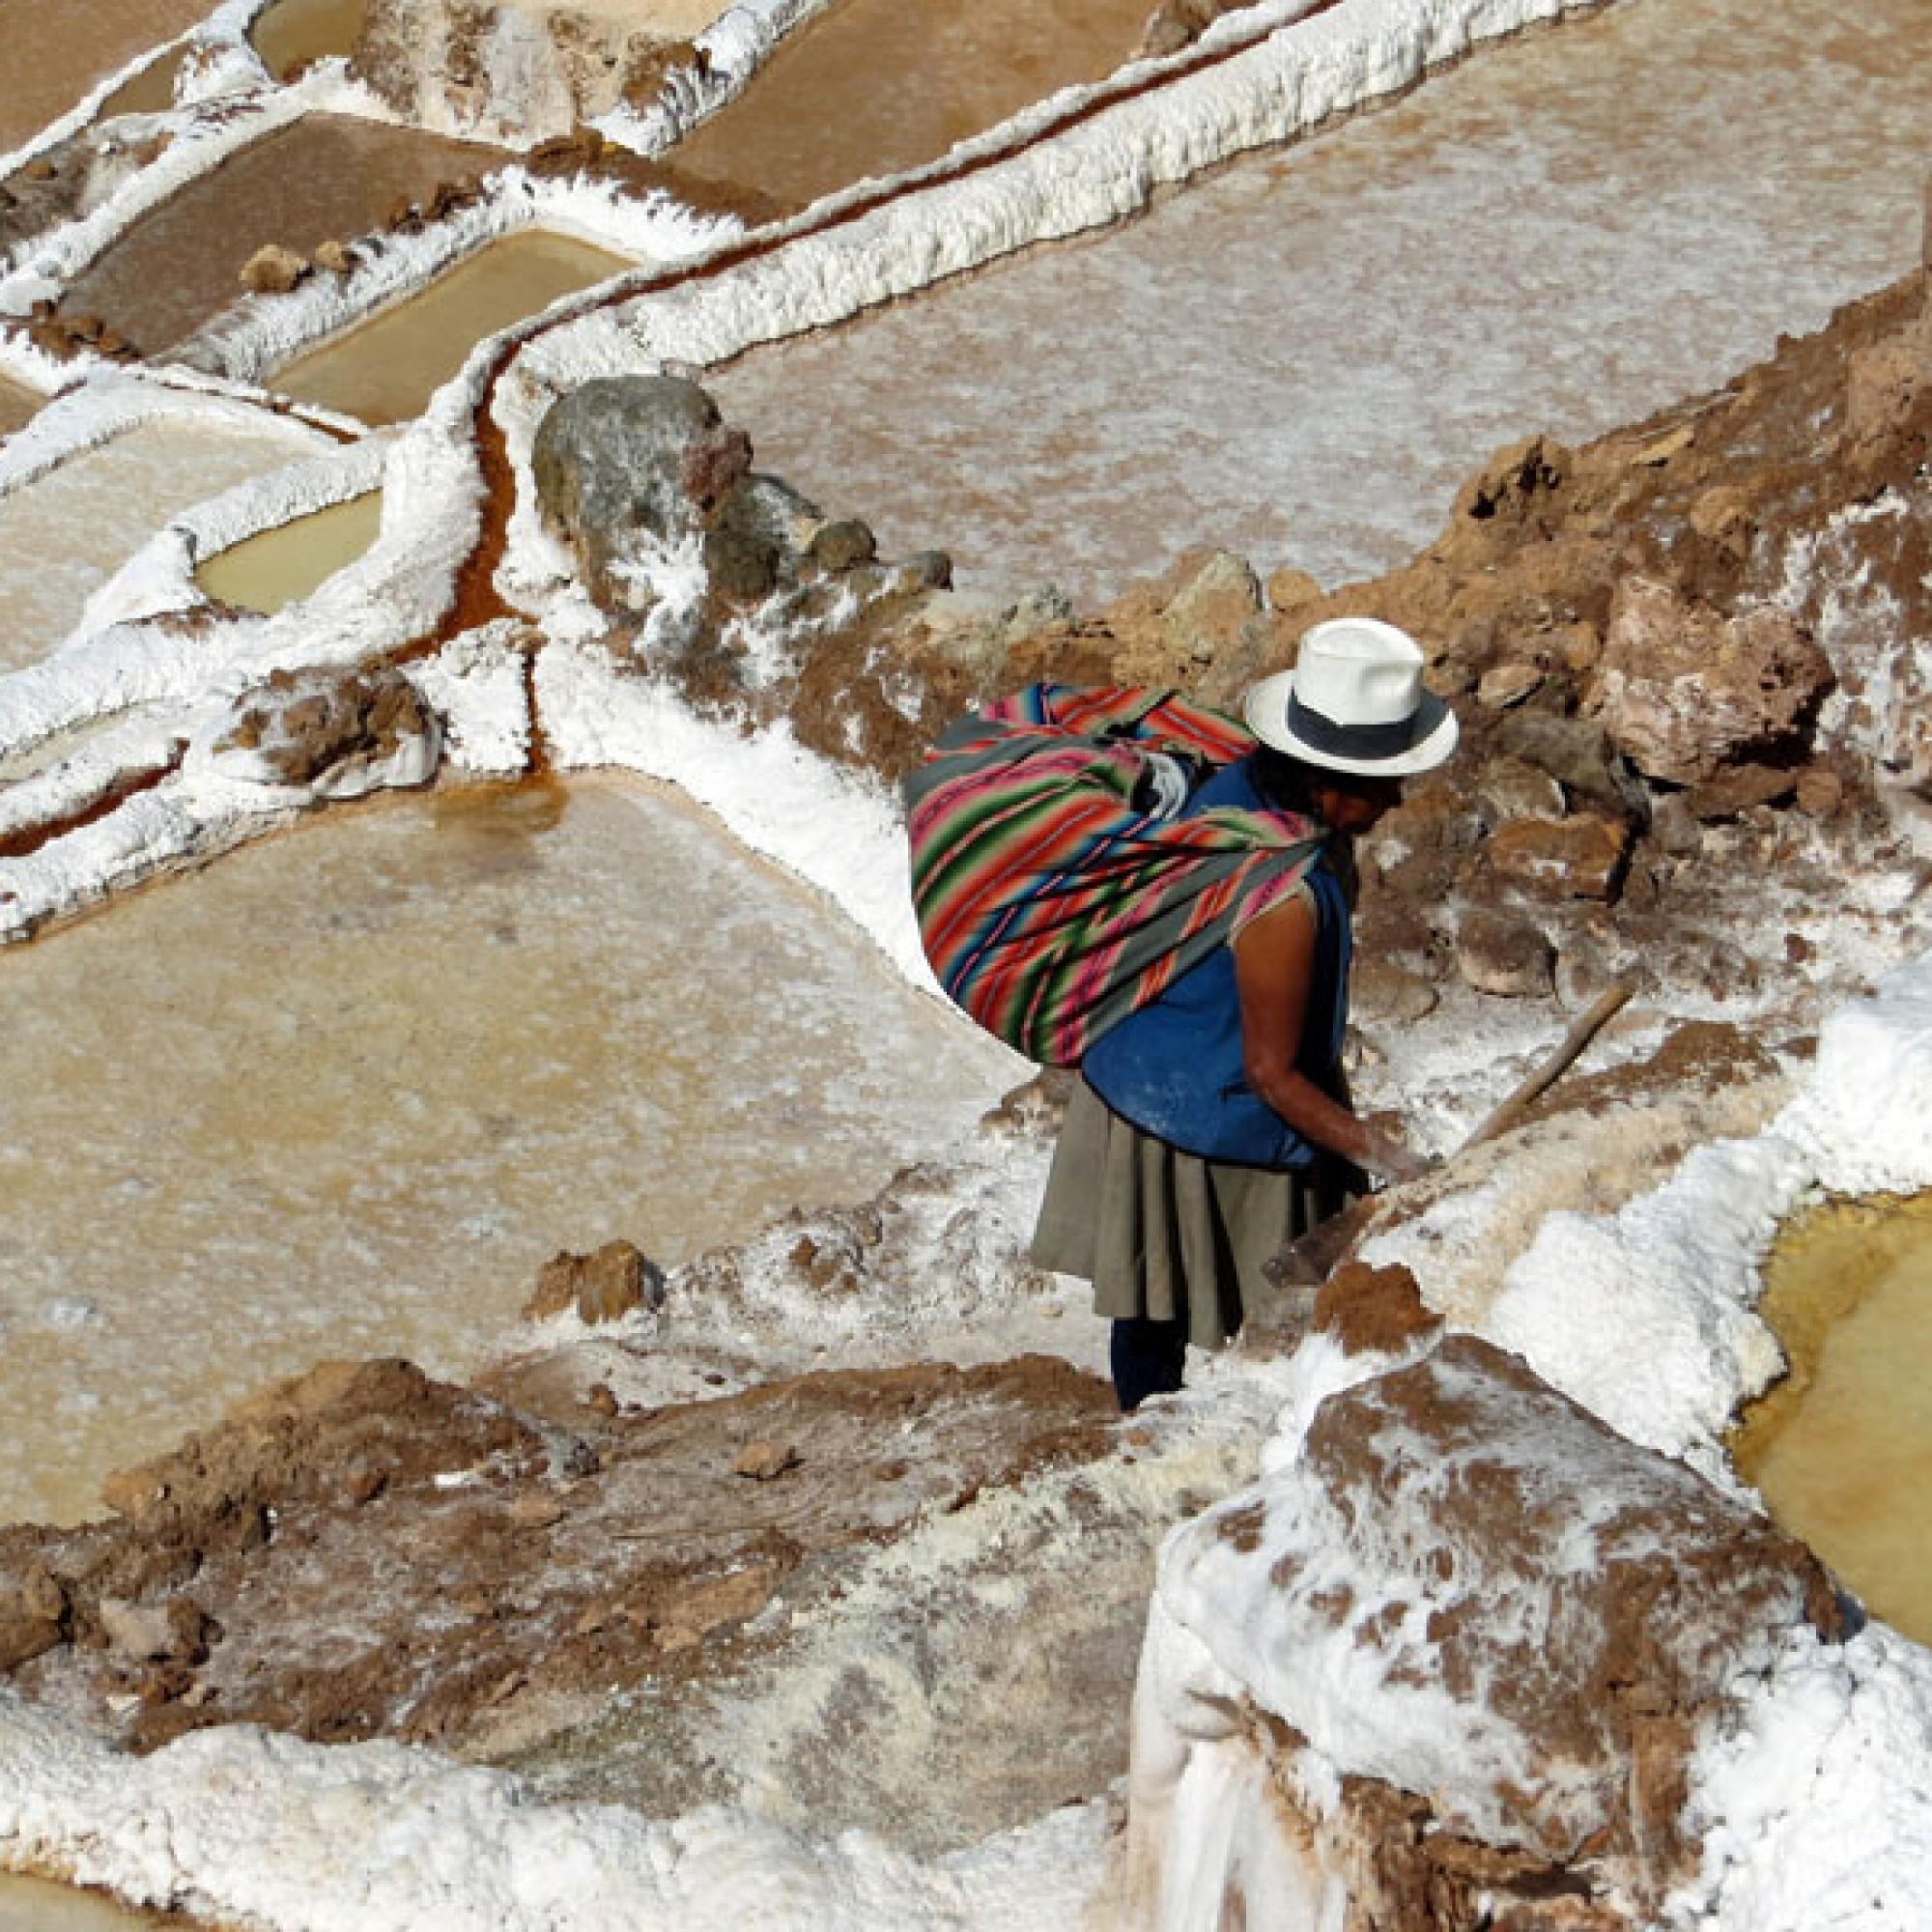 Eine Arbeiterin im Salzfeld. (Bild: Solence C1 / pixabay.com)